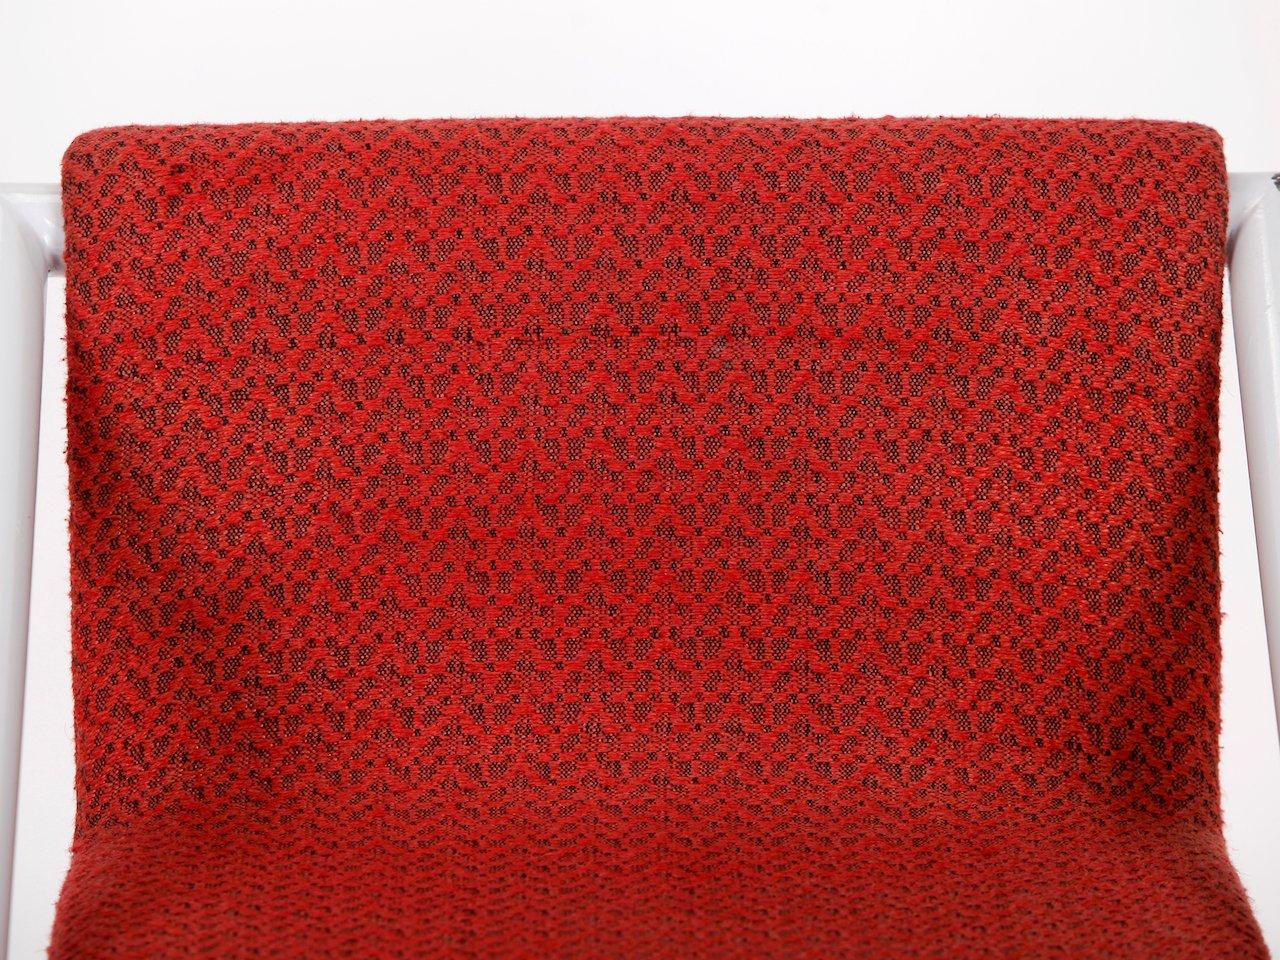 tschechischer stahlrohr damenstuhl 1960 bei pamono kaufen. Black Bedroom Furniture Sets. Home Design Ideas